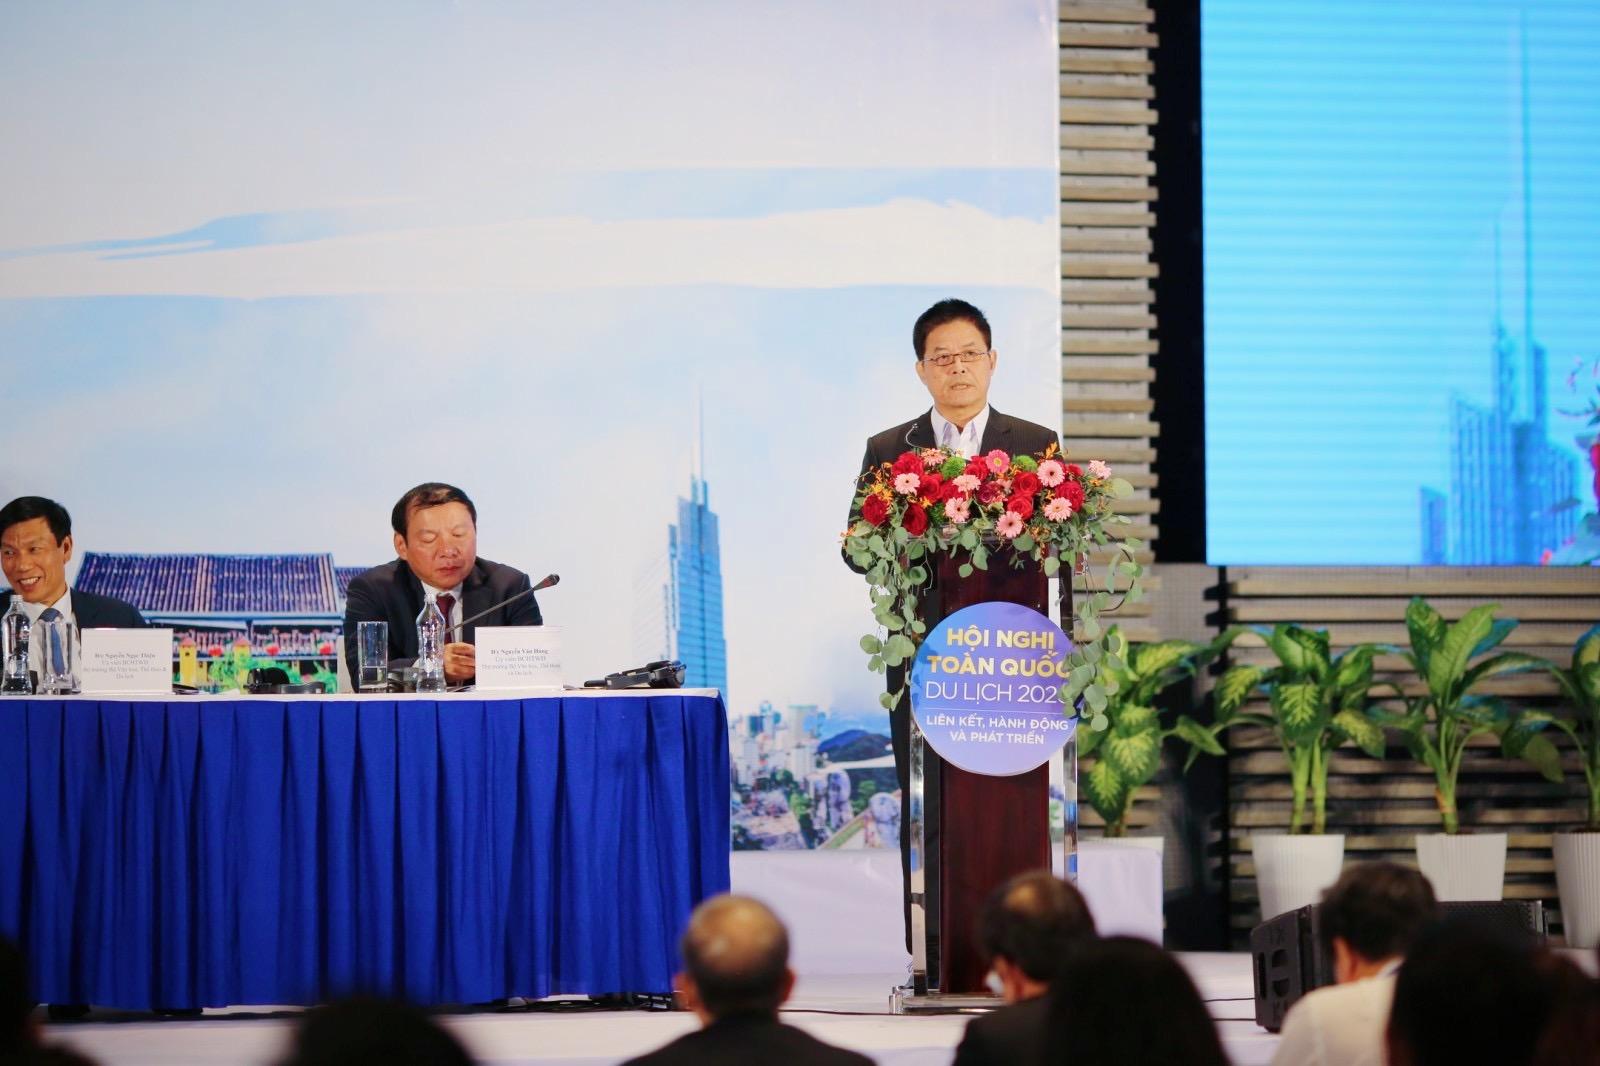 Vietravel đề xuất nhóm giải pháp phục hồi du lịch tại Hội nghị toàn quốc về du lịch năm 2020